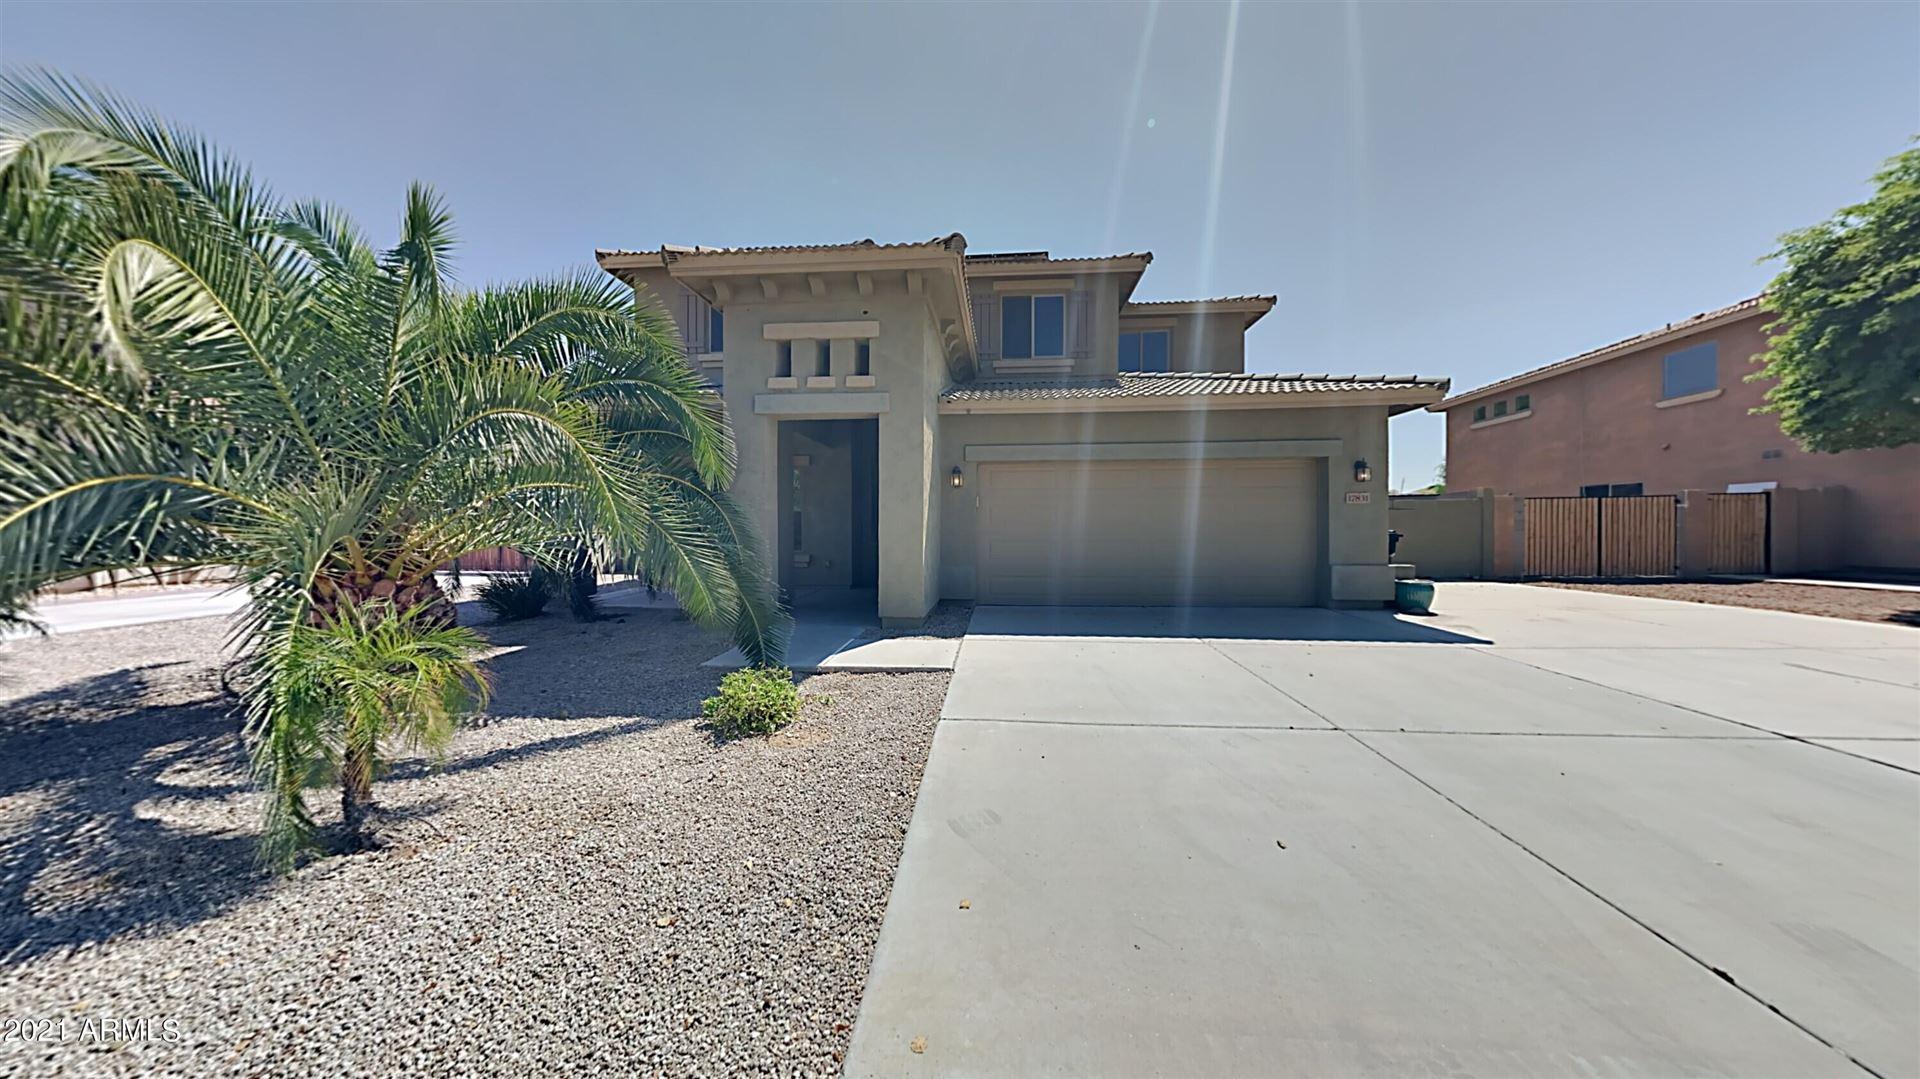 17831 W IVY Lane, Surprise, AZ 85388 - MLS#: 6295006